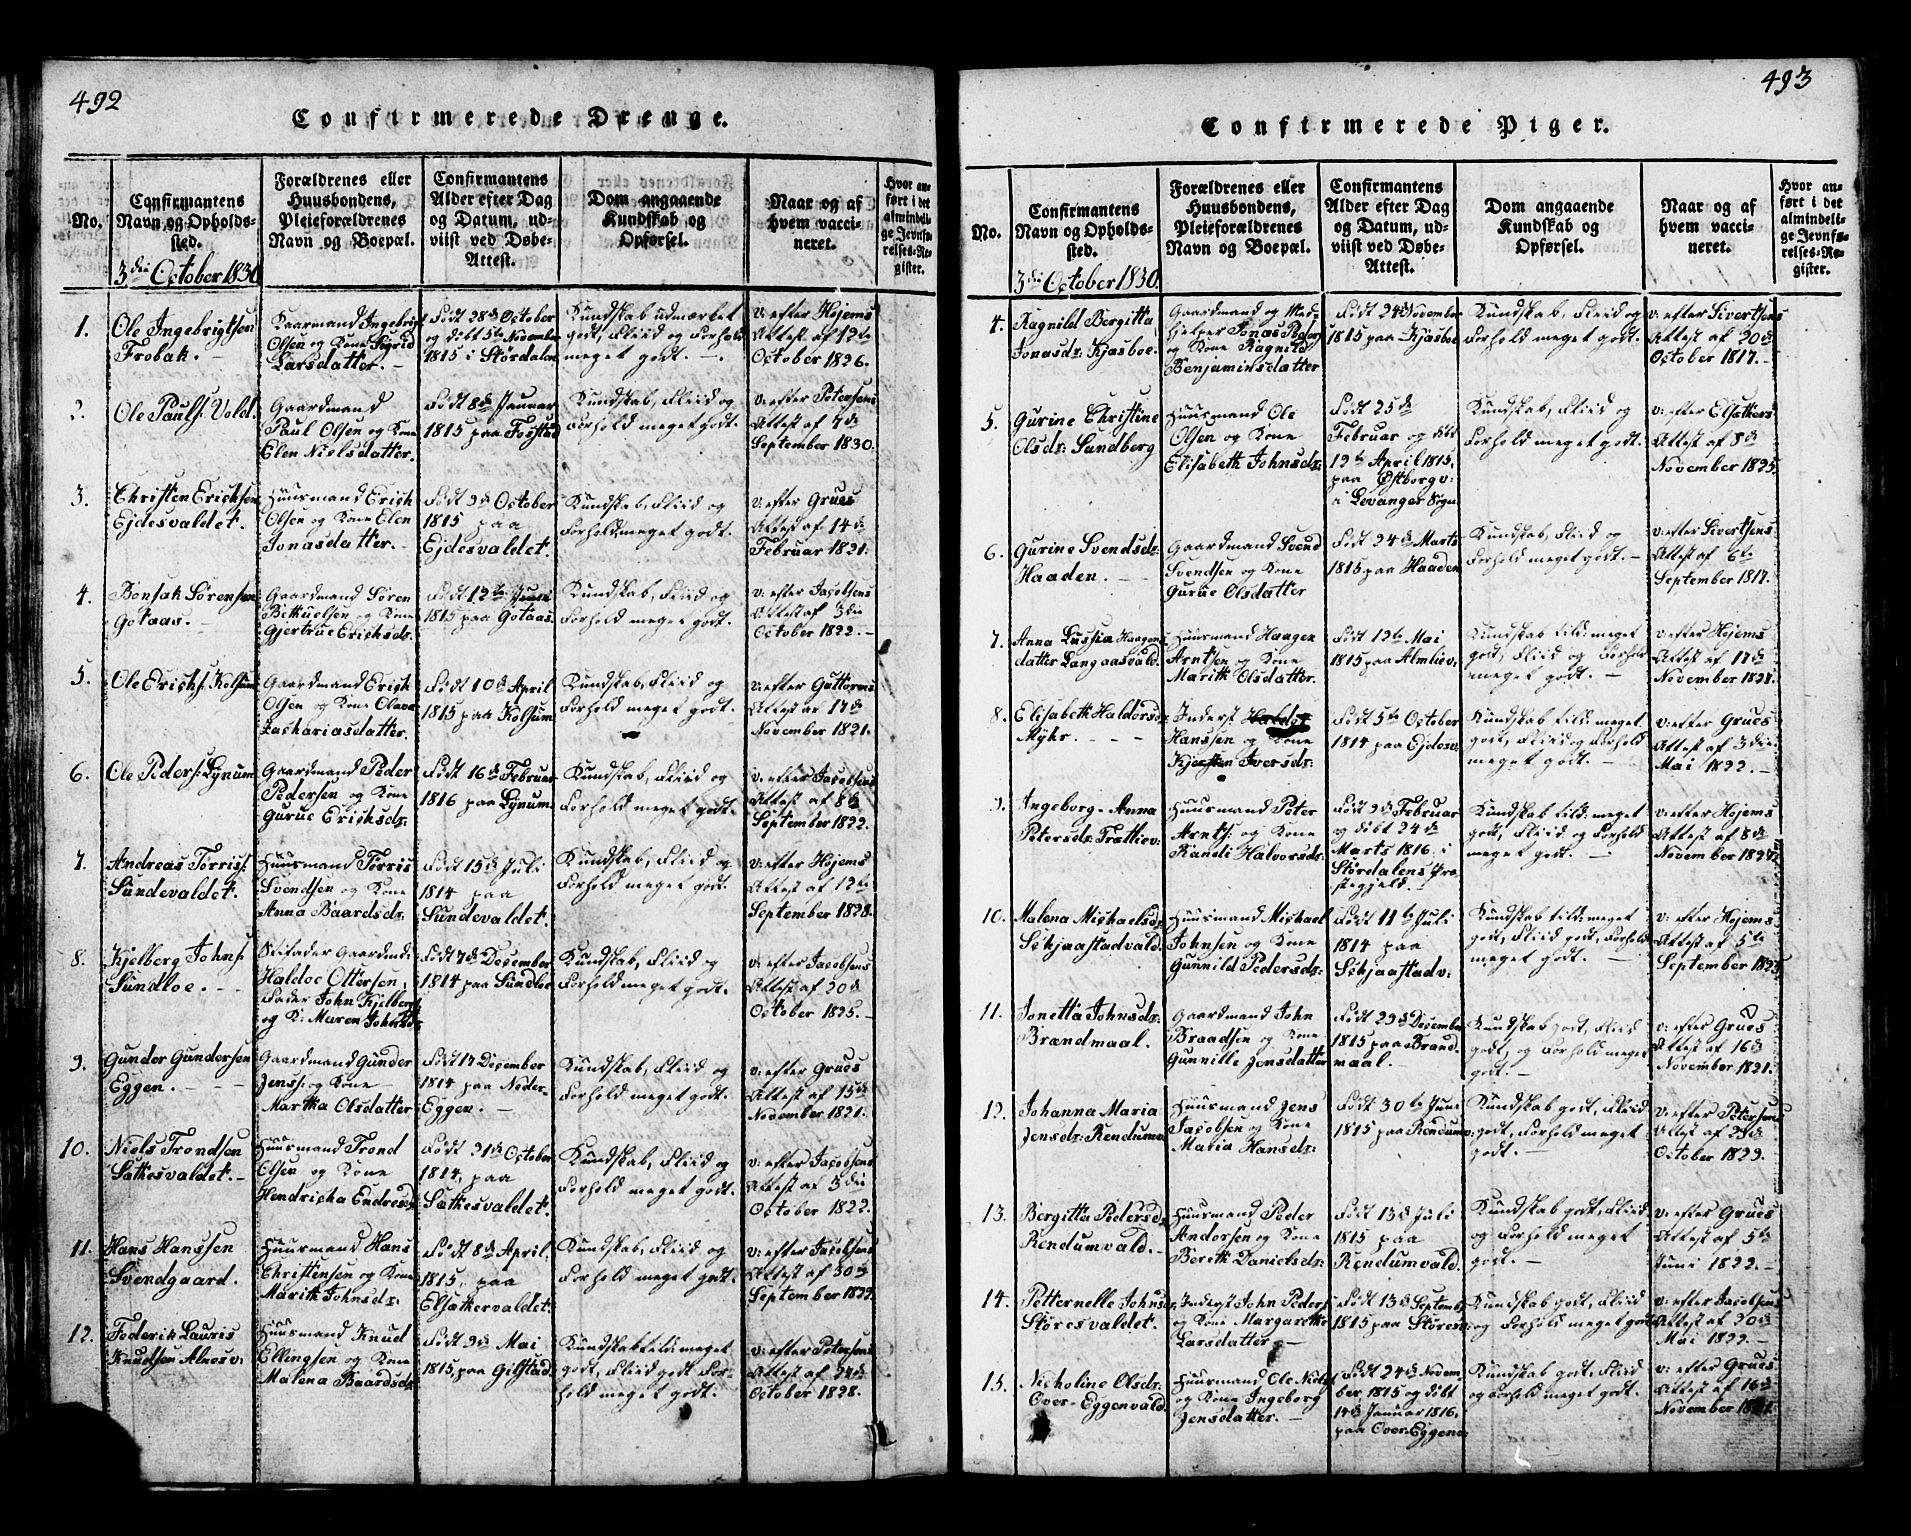 SAT, Ministerialprotokoller, klokkerbøker og fødselsregistre - Nord-Trøndelag, 717/L0169: Klokkerbok nr. 717C01, 1816-1834, s. 492-493